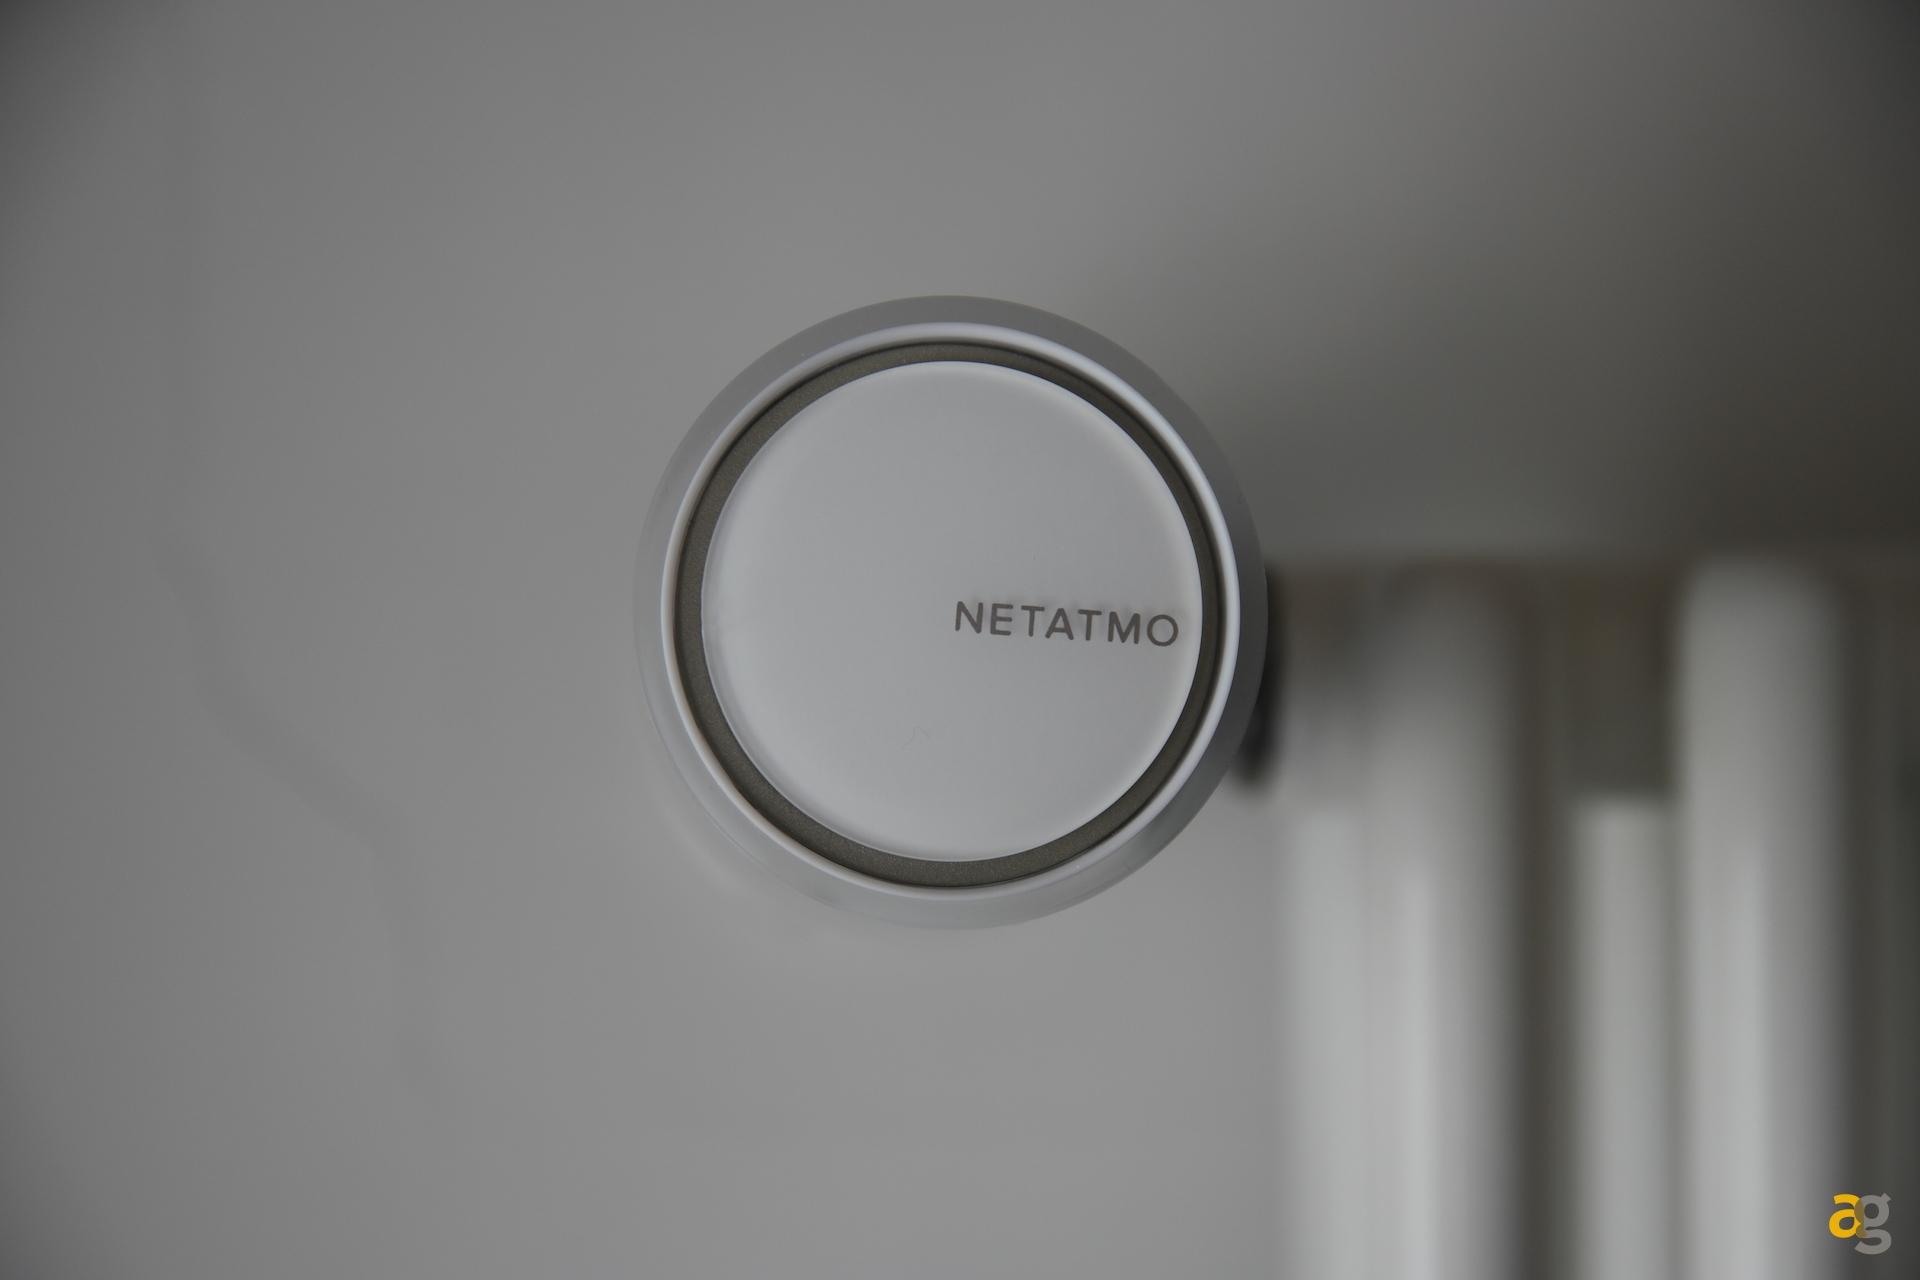 Recensione netatmo valvole termostatiche smart andrea for Valvole termostatiche netatmo